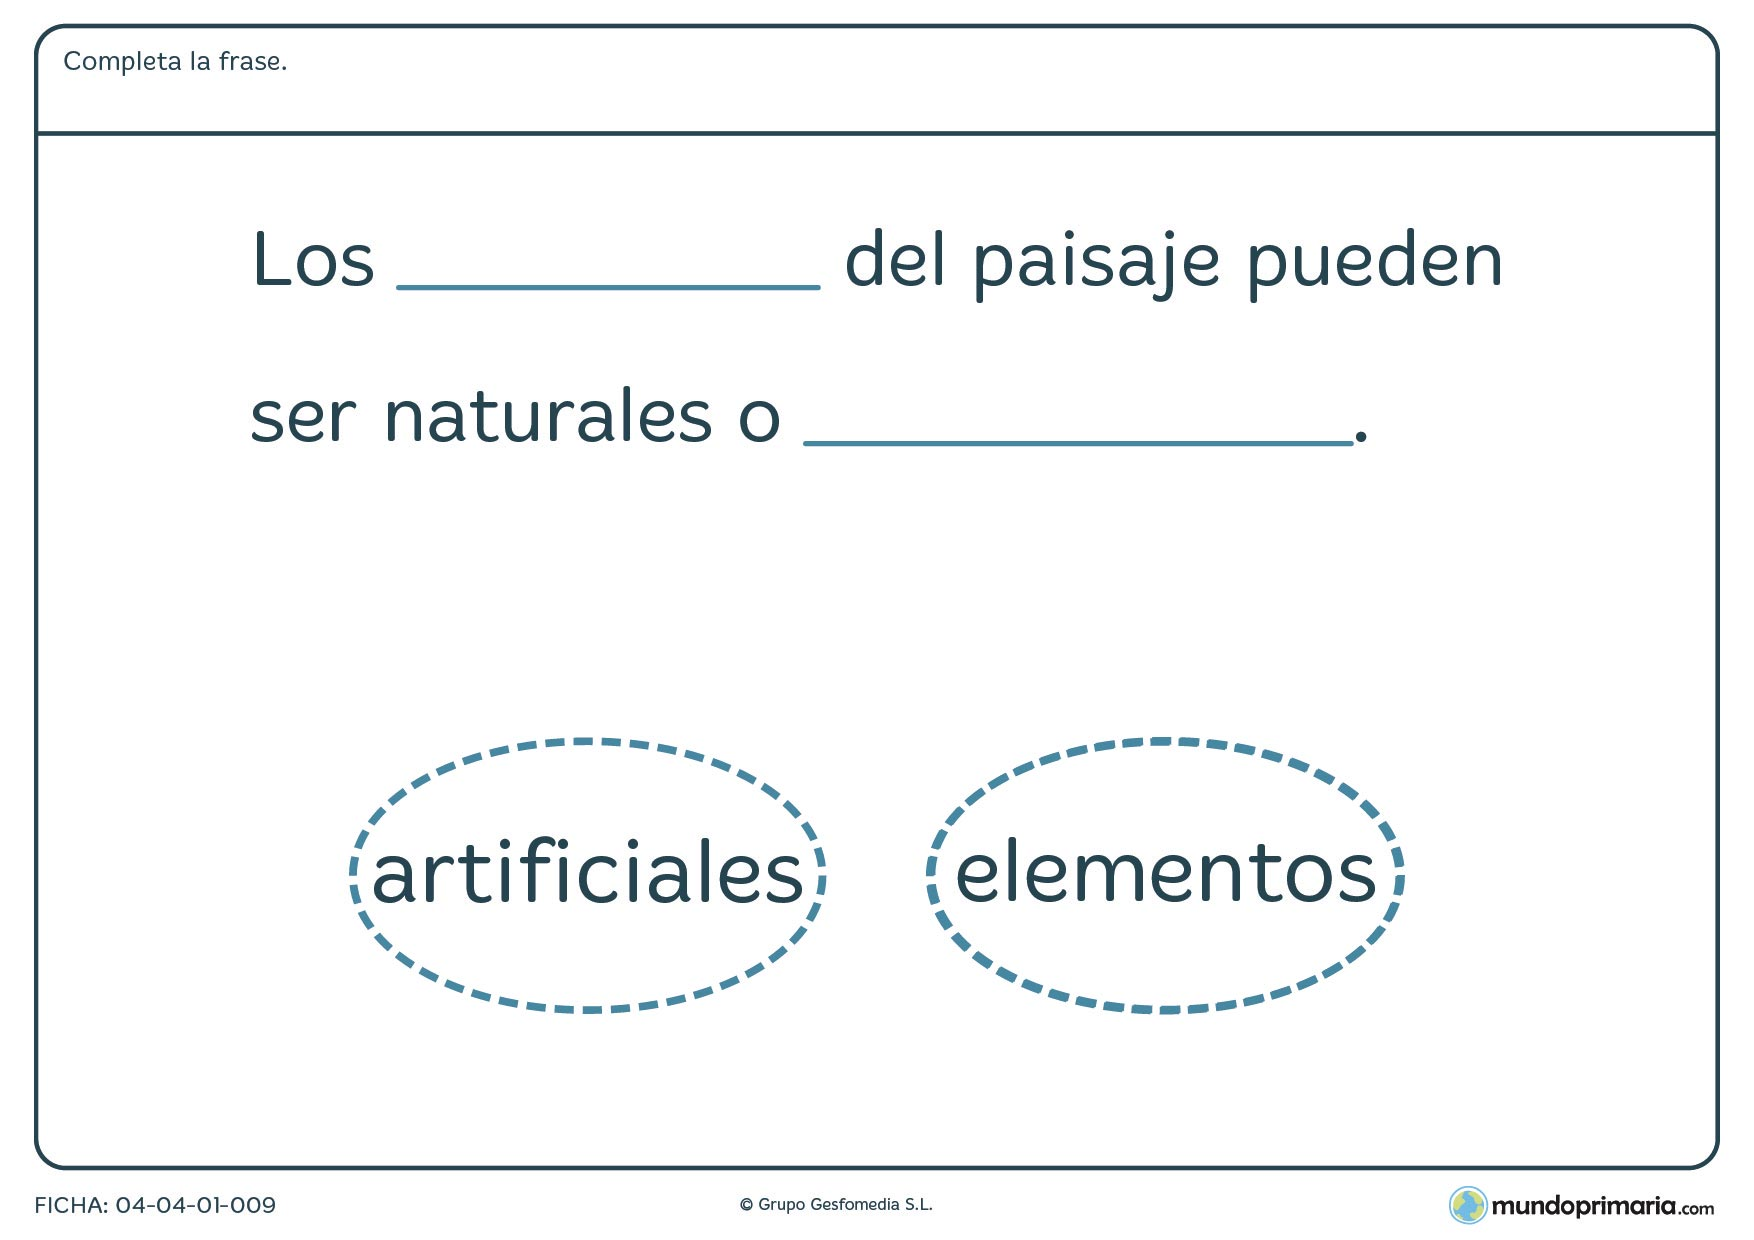 Ficha de elementos del paisajes en el que hay que completar la frase con las palabras proporcionadas y en el orden adecuado.